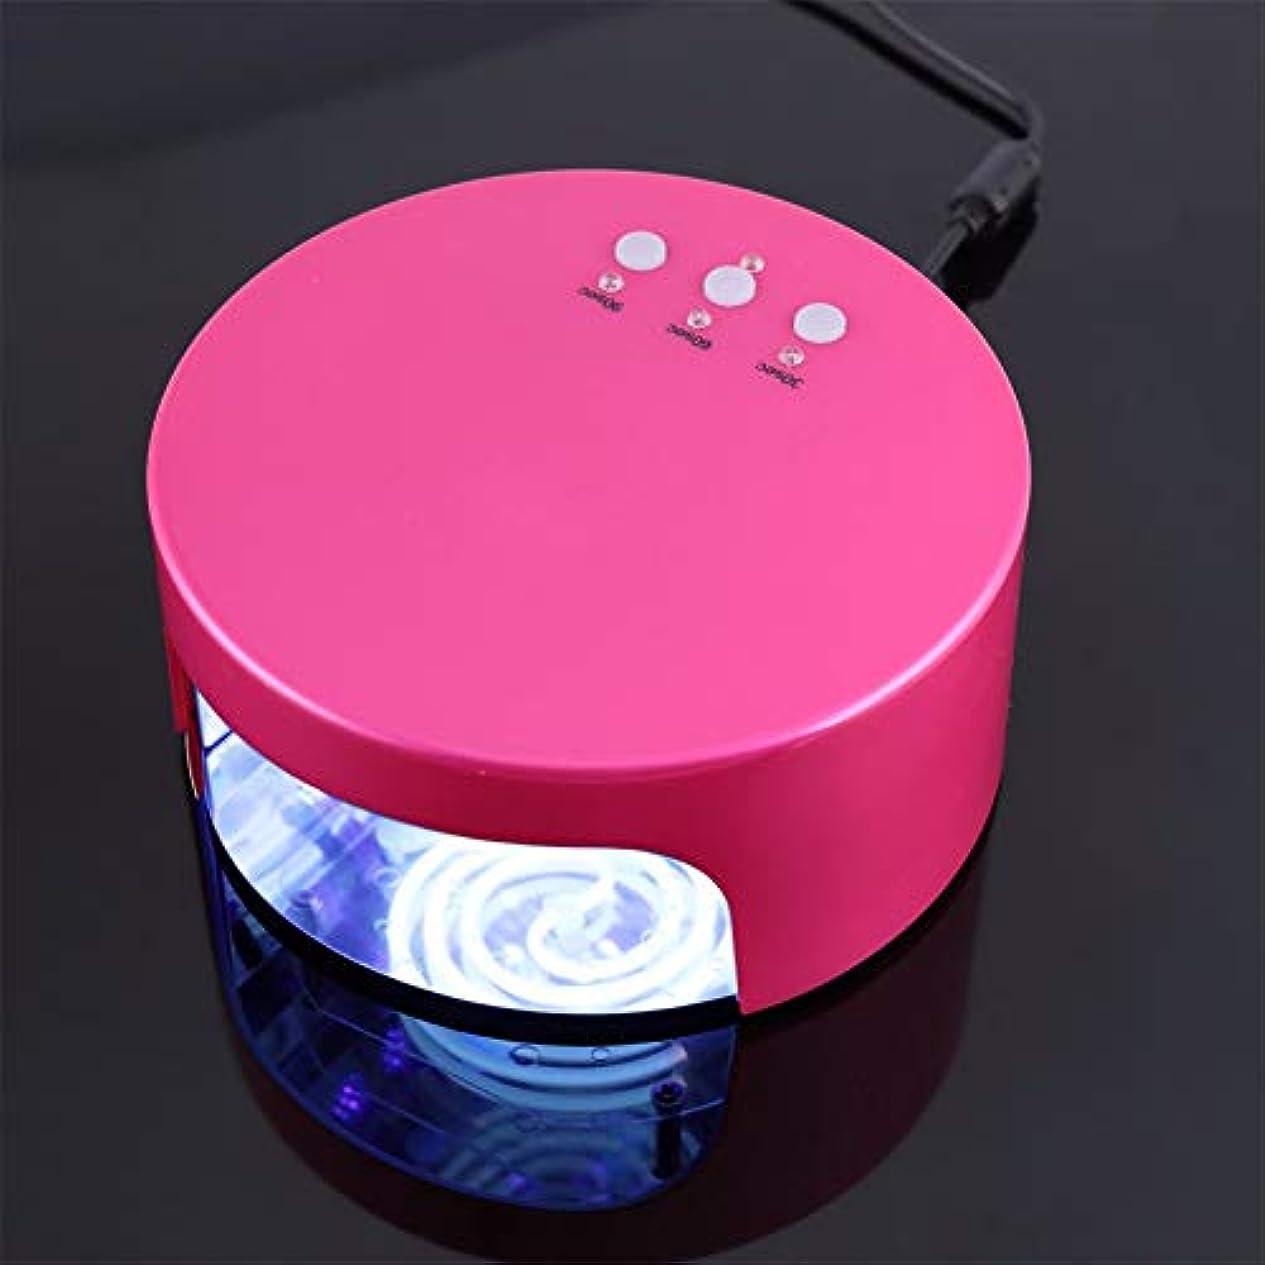 ぶどう古代かみそり36 w Led使用LEDネイルドライヤーCCFLゲル硬化UVランプネイルライトマシン強力なネイルアートドライヤーEUプラグ